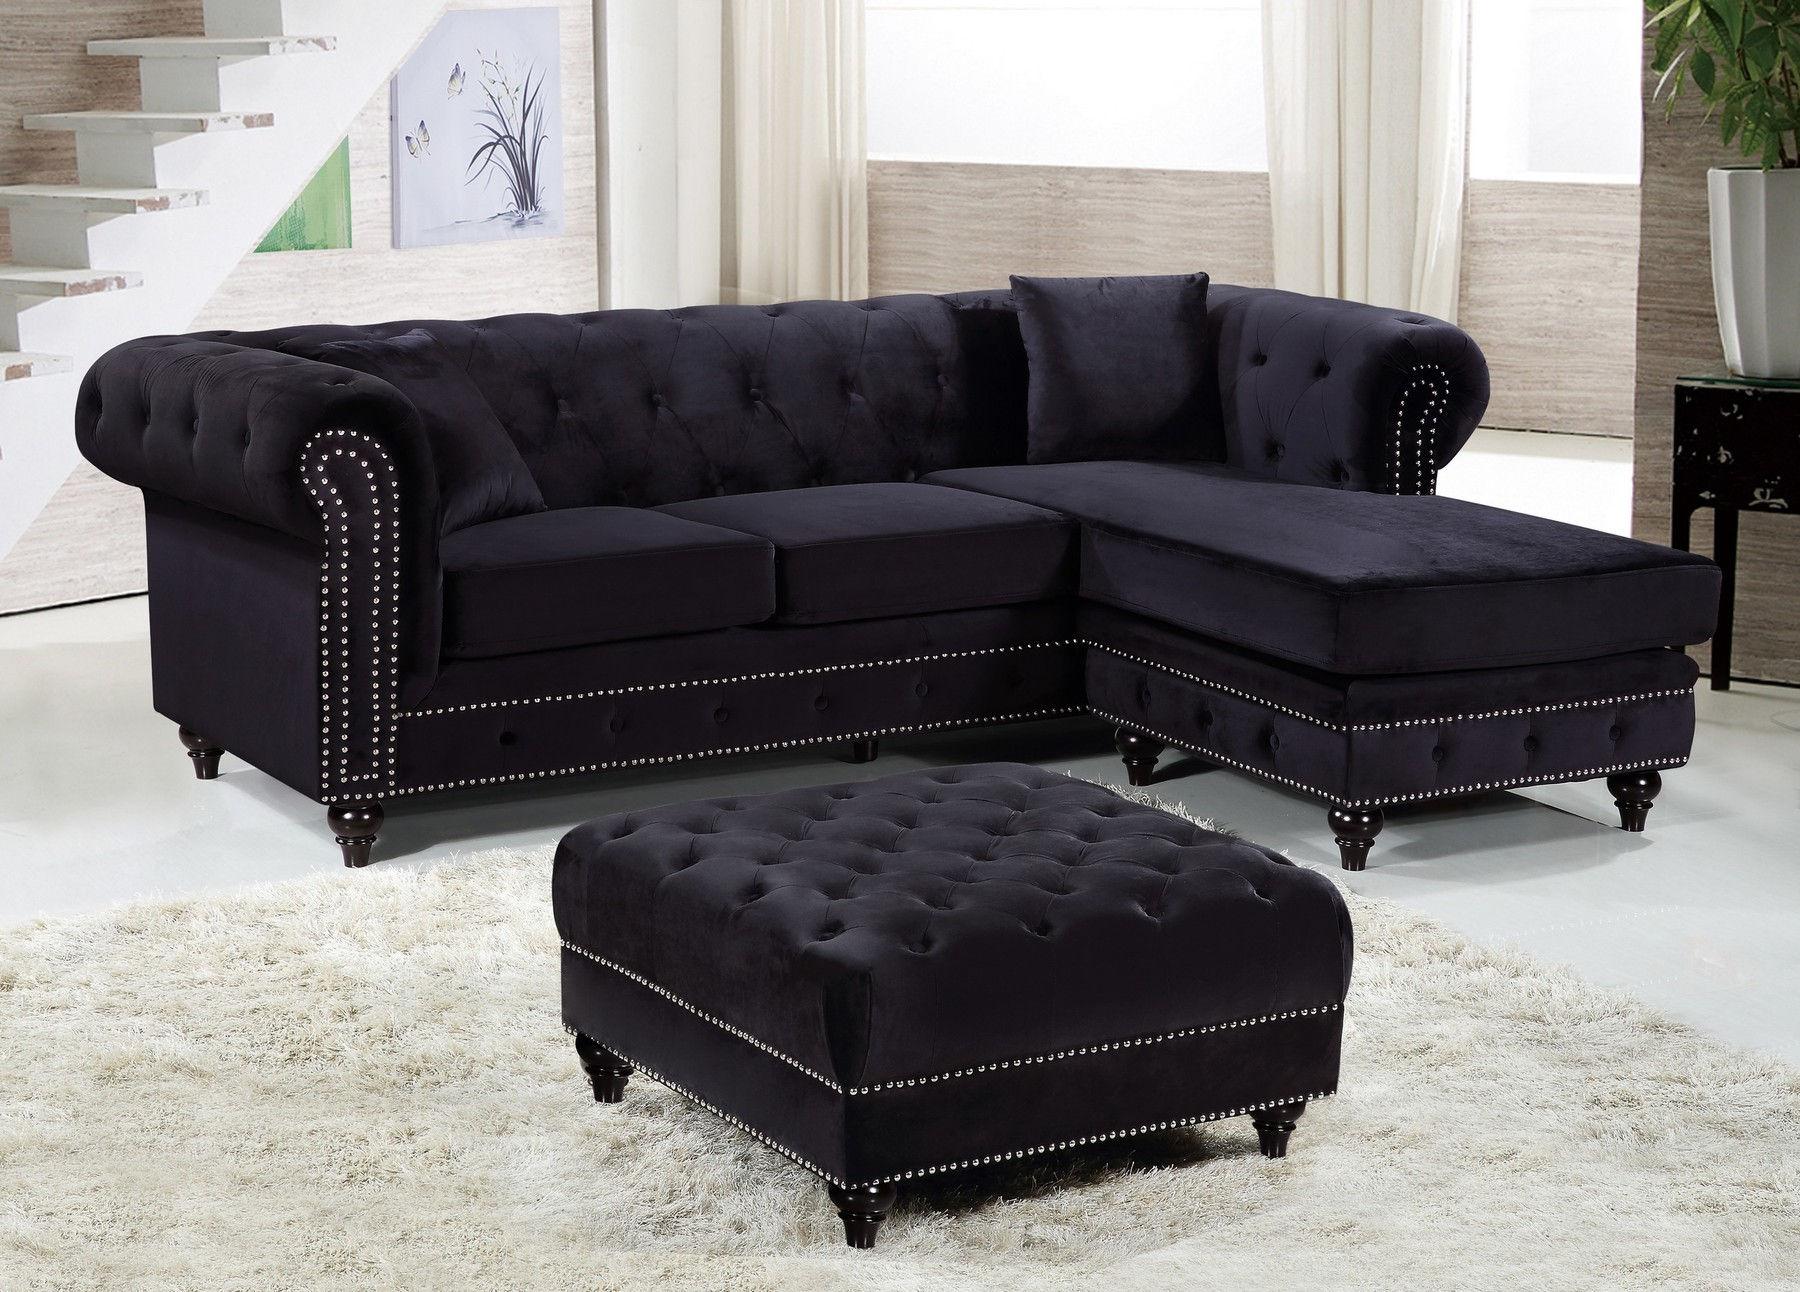 sabrina black sectional sofa ottoman